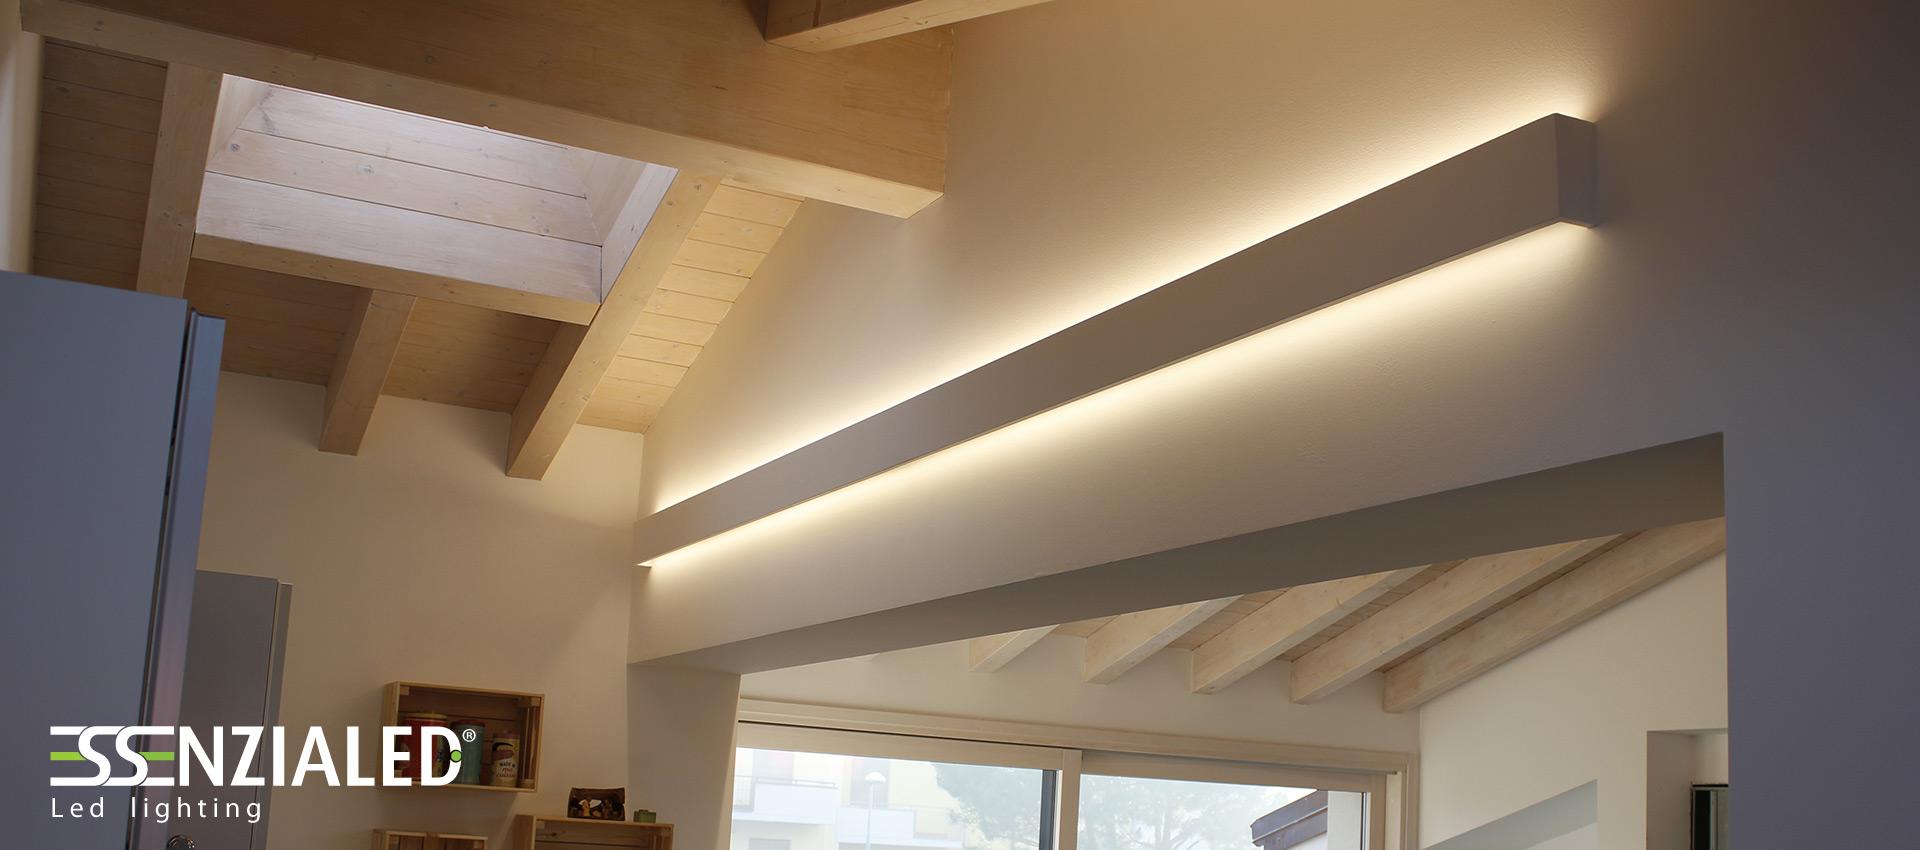 Parete In Cartongesso Scheda Tecnica : Righello lampada parete in gesso a led prodotta